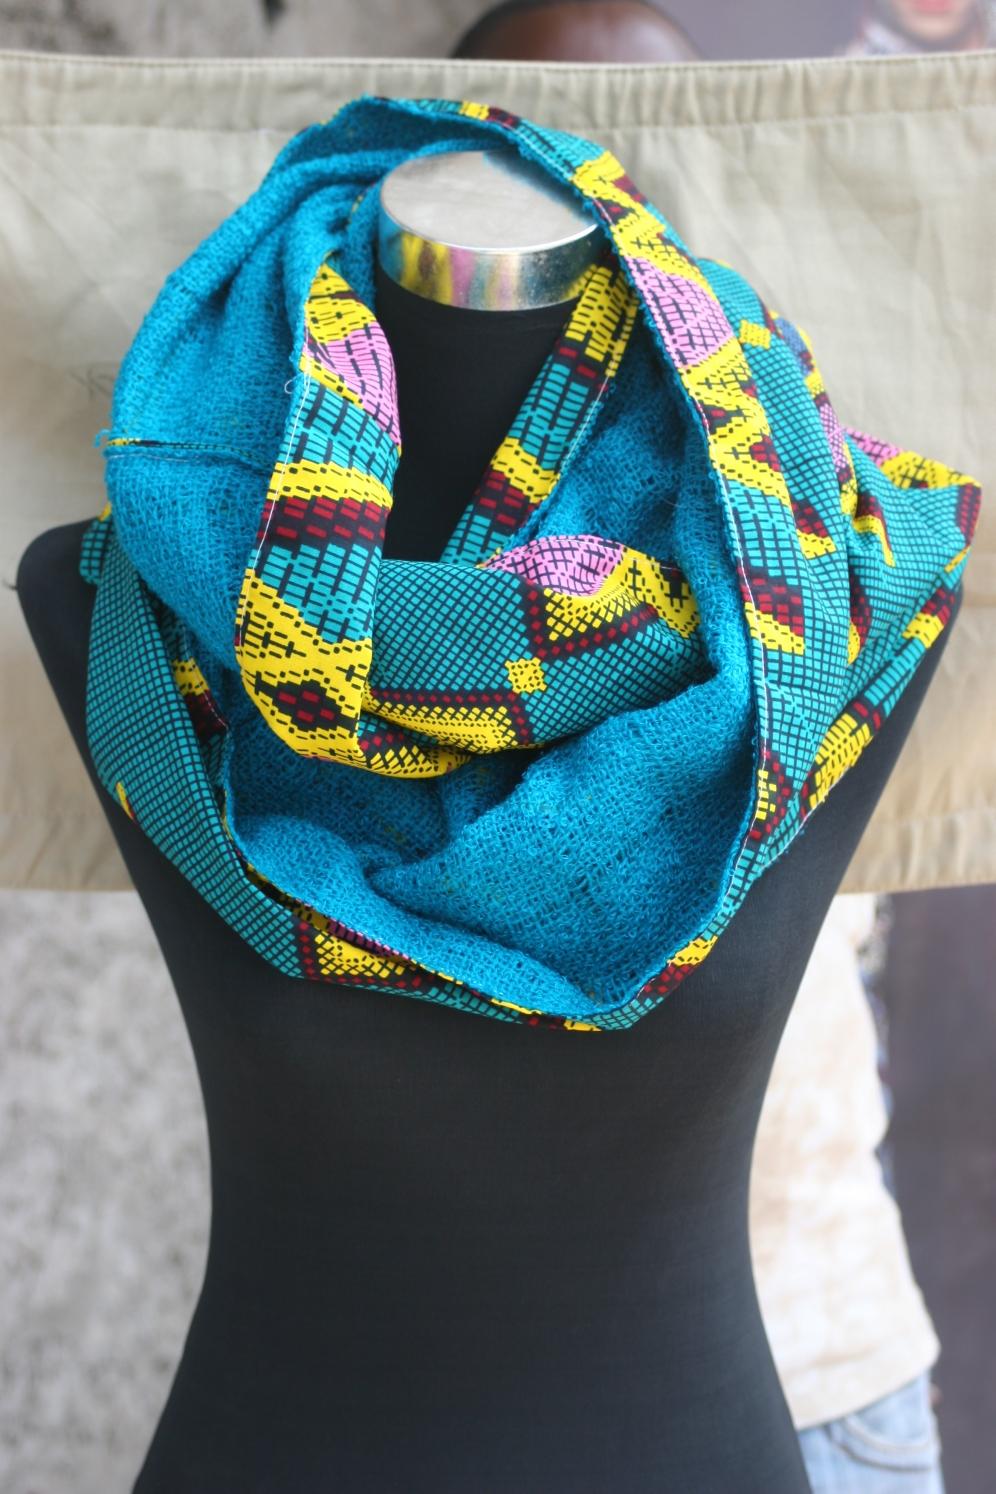 Echarpe/foulard col snood Unisex réversible en wax doublé d'un tissu en coton pour adulte(Création 2016)